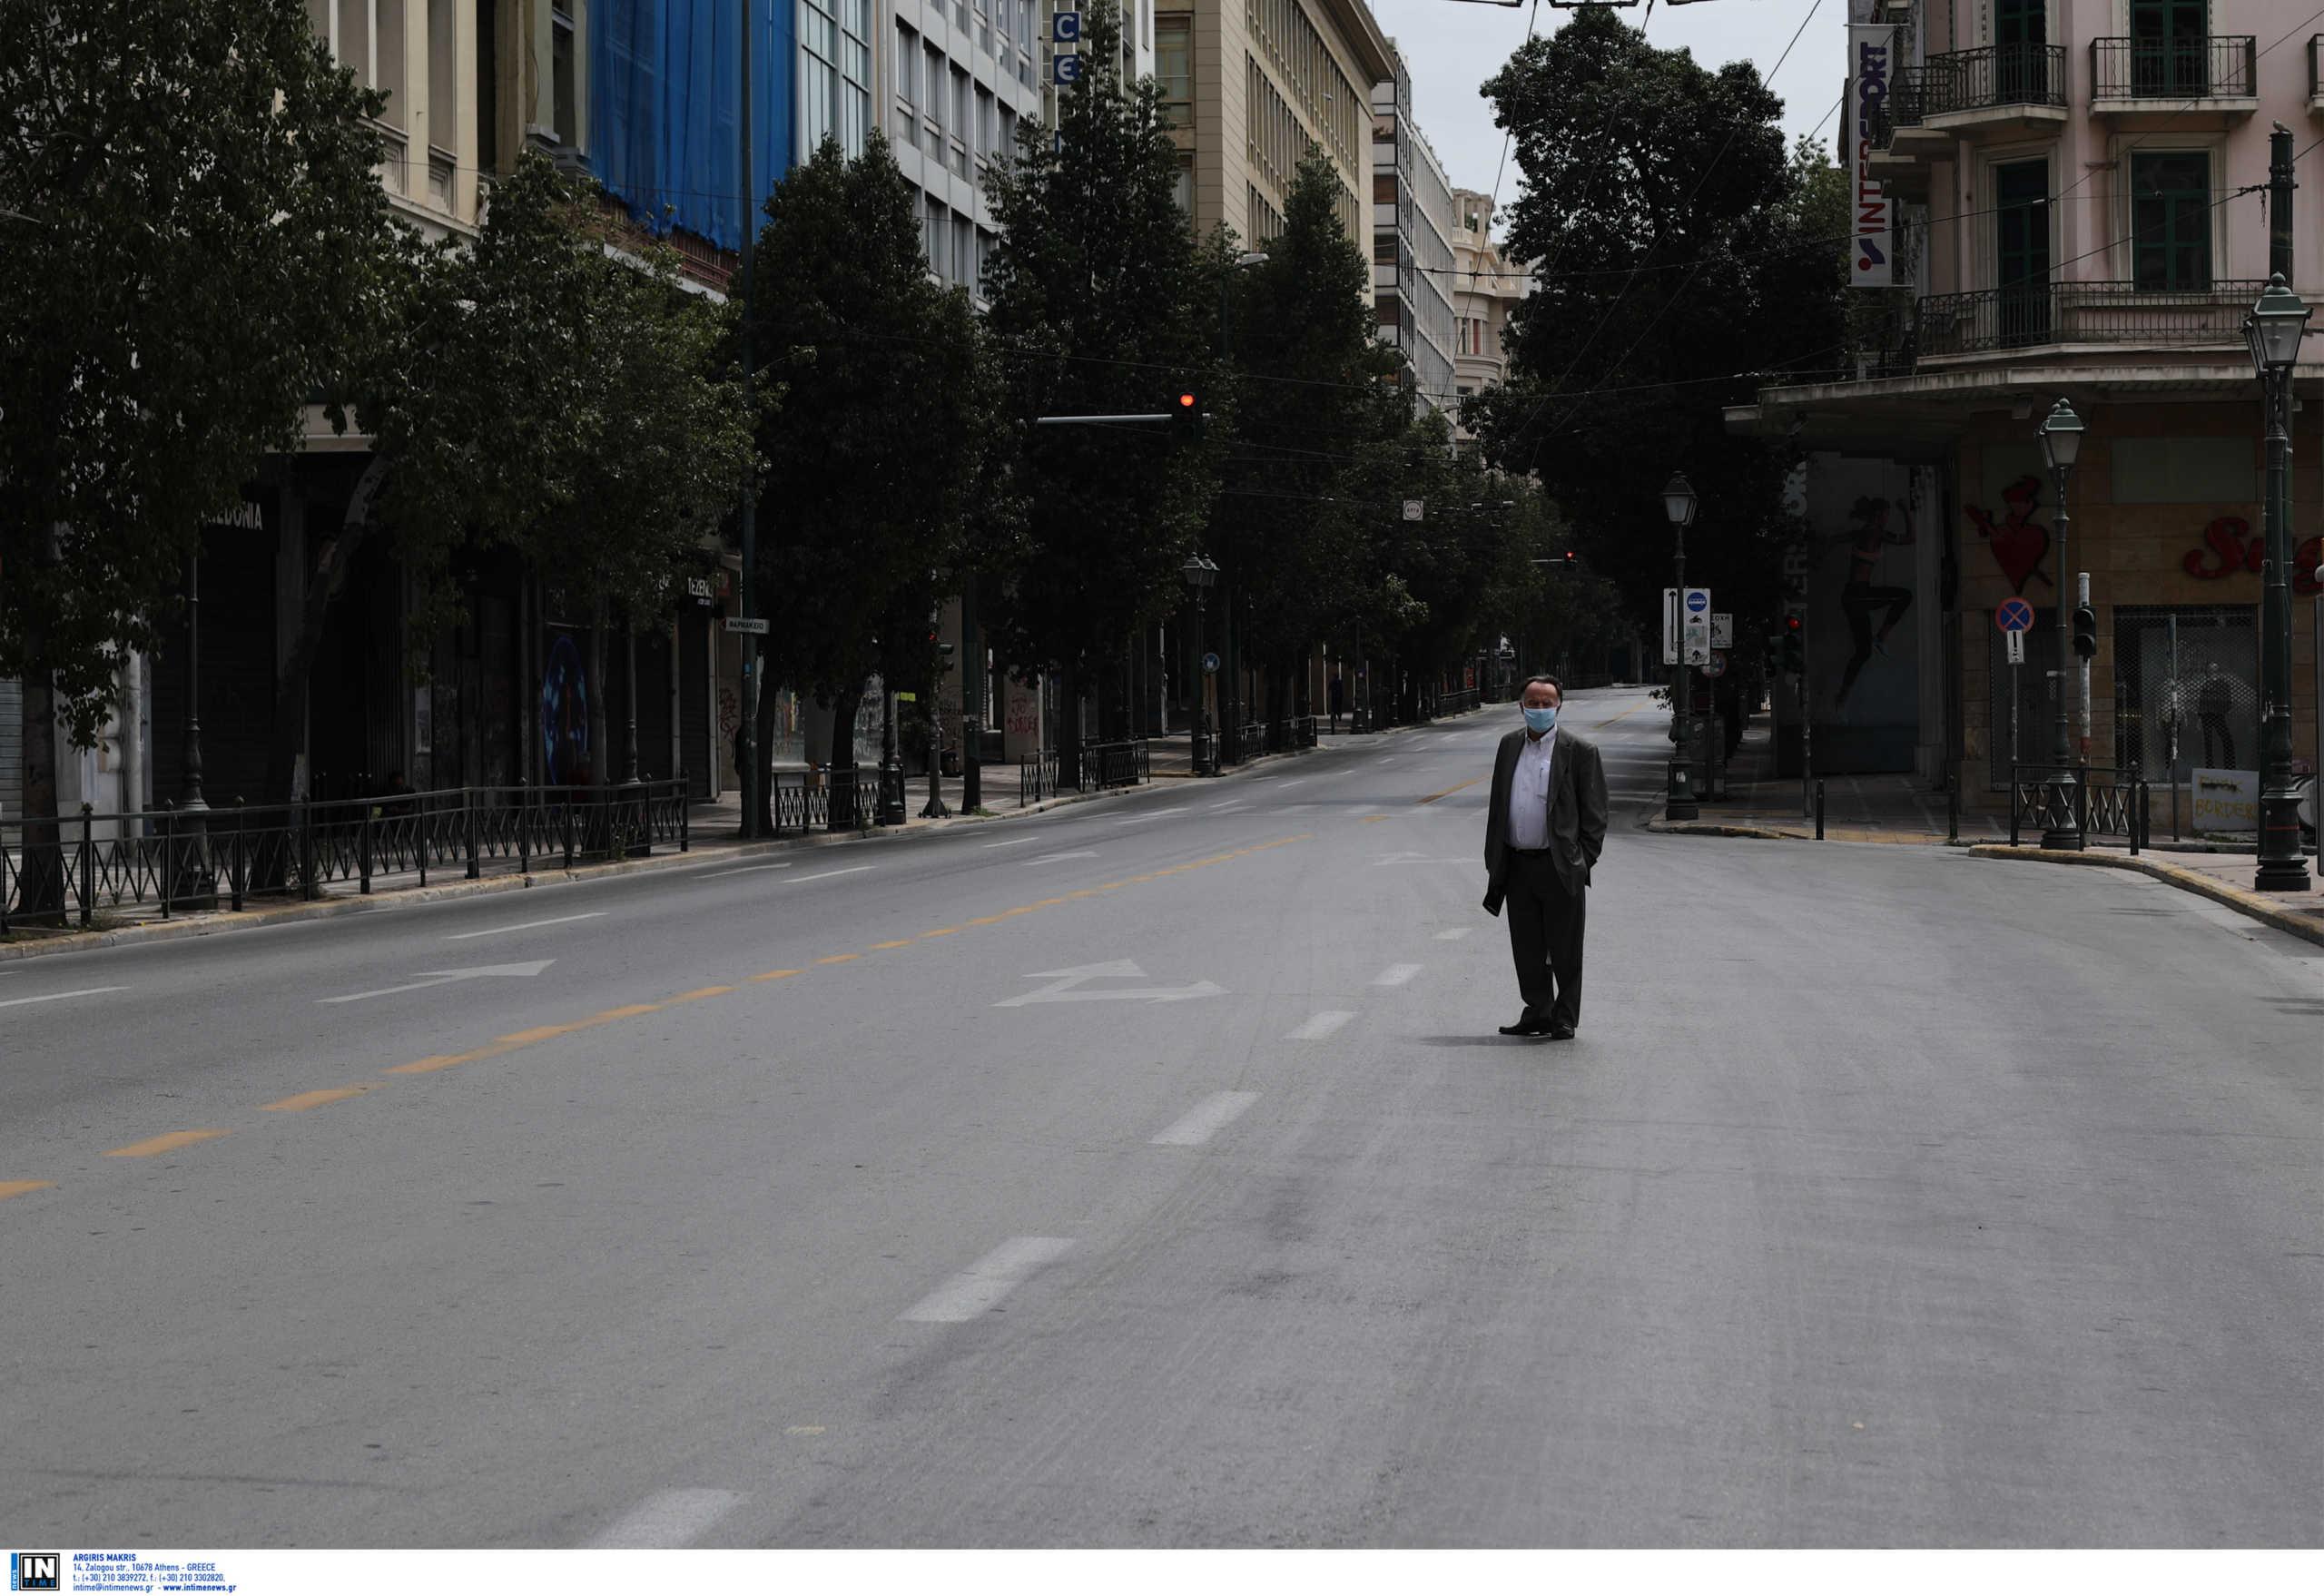 Κορονοϊός: Όλα δείχνουν καθολικό lockdown – Αναπόφευκτο στη Θεσσαλονίκη, τι εξετάζεται για Αττική